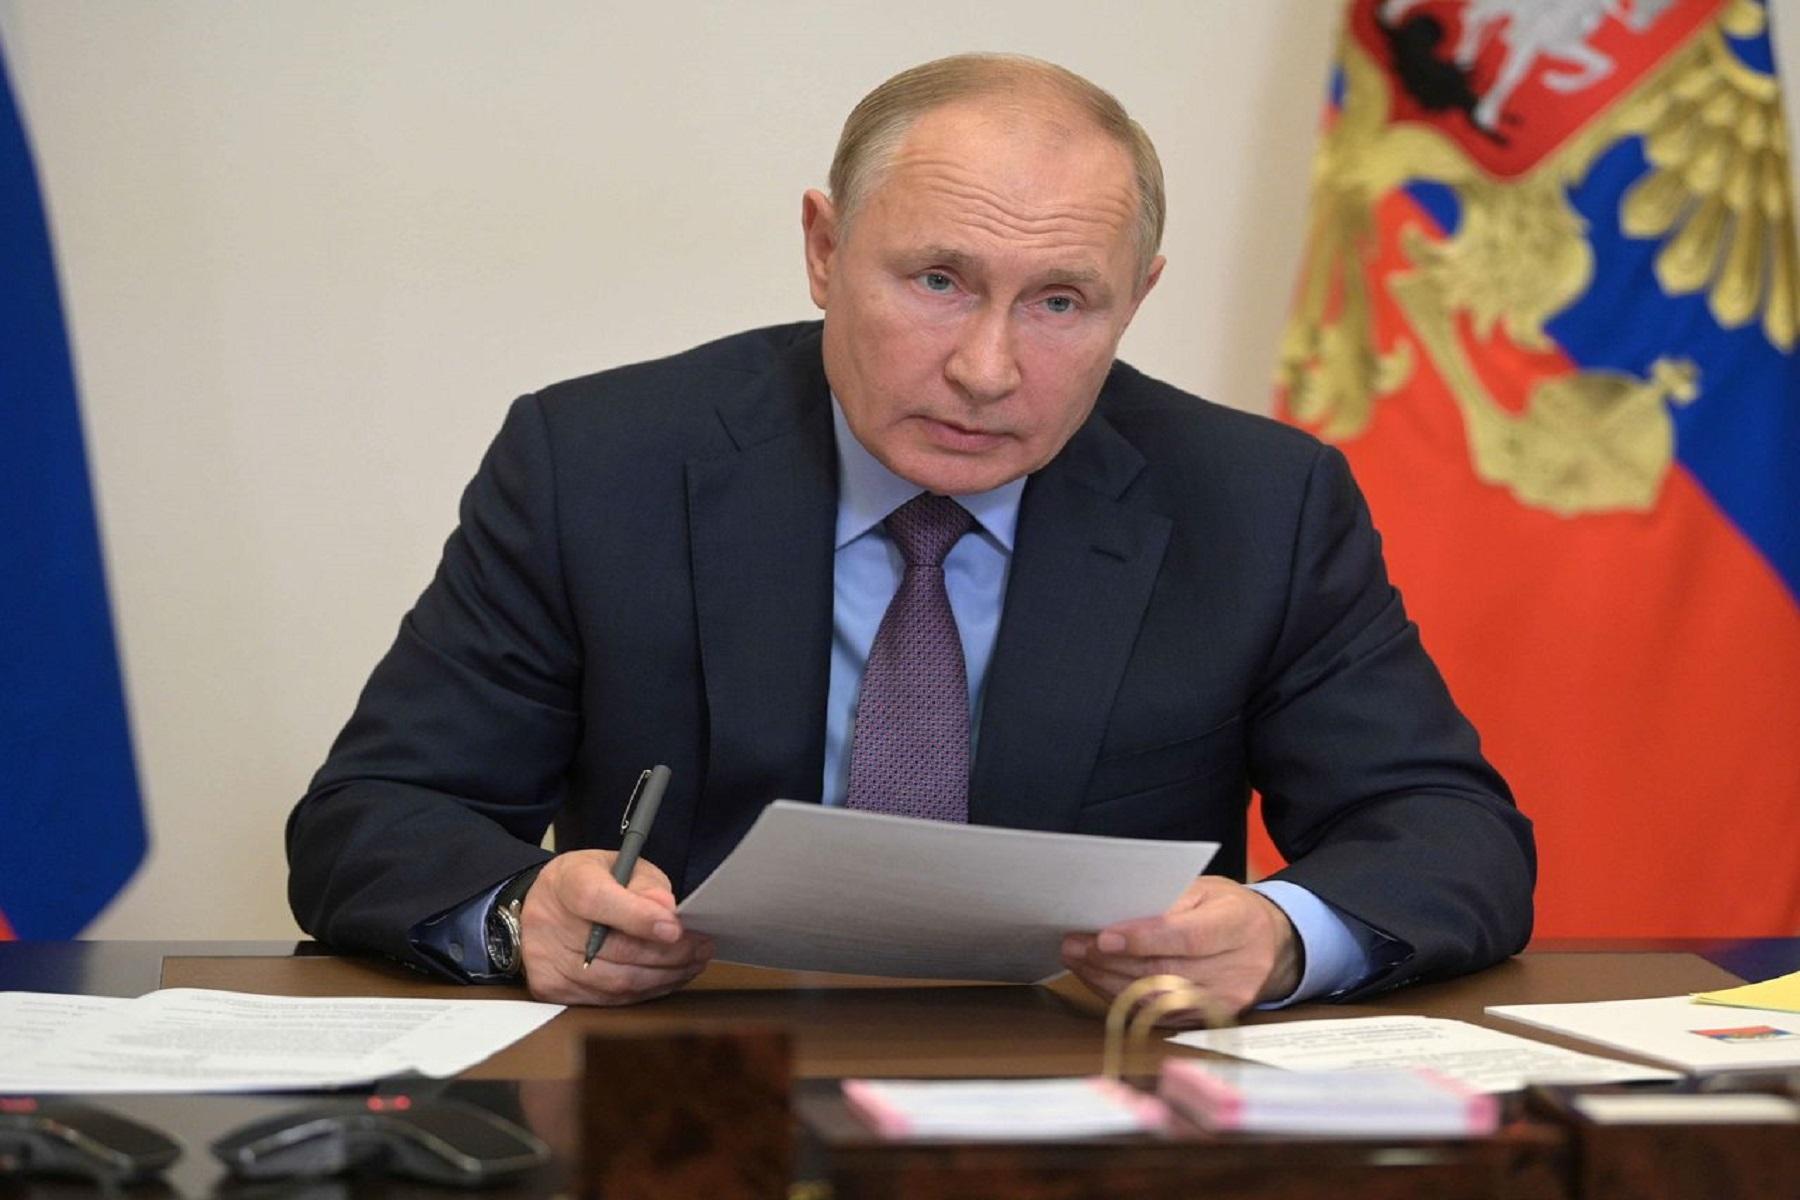 Ρωσία Κρεμλίνο: Ο Πούτιν απομονώνεται μετά από κρούσματα covid στον στενό του κύκλο